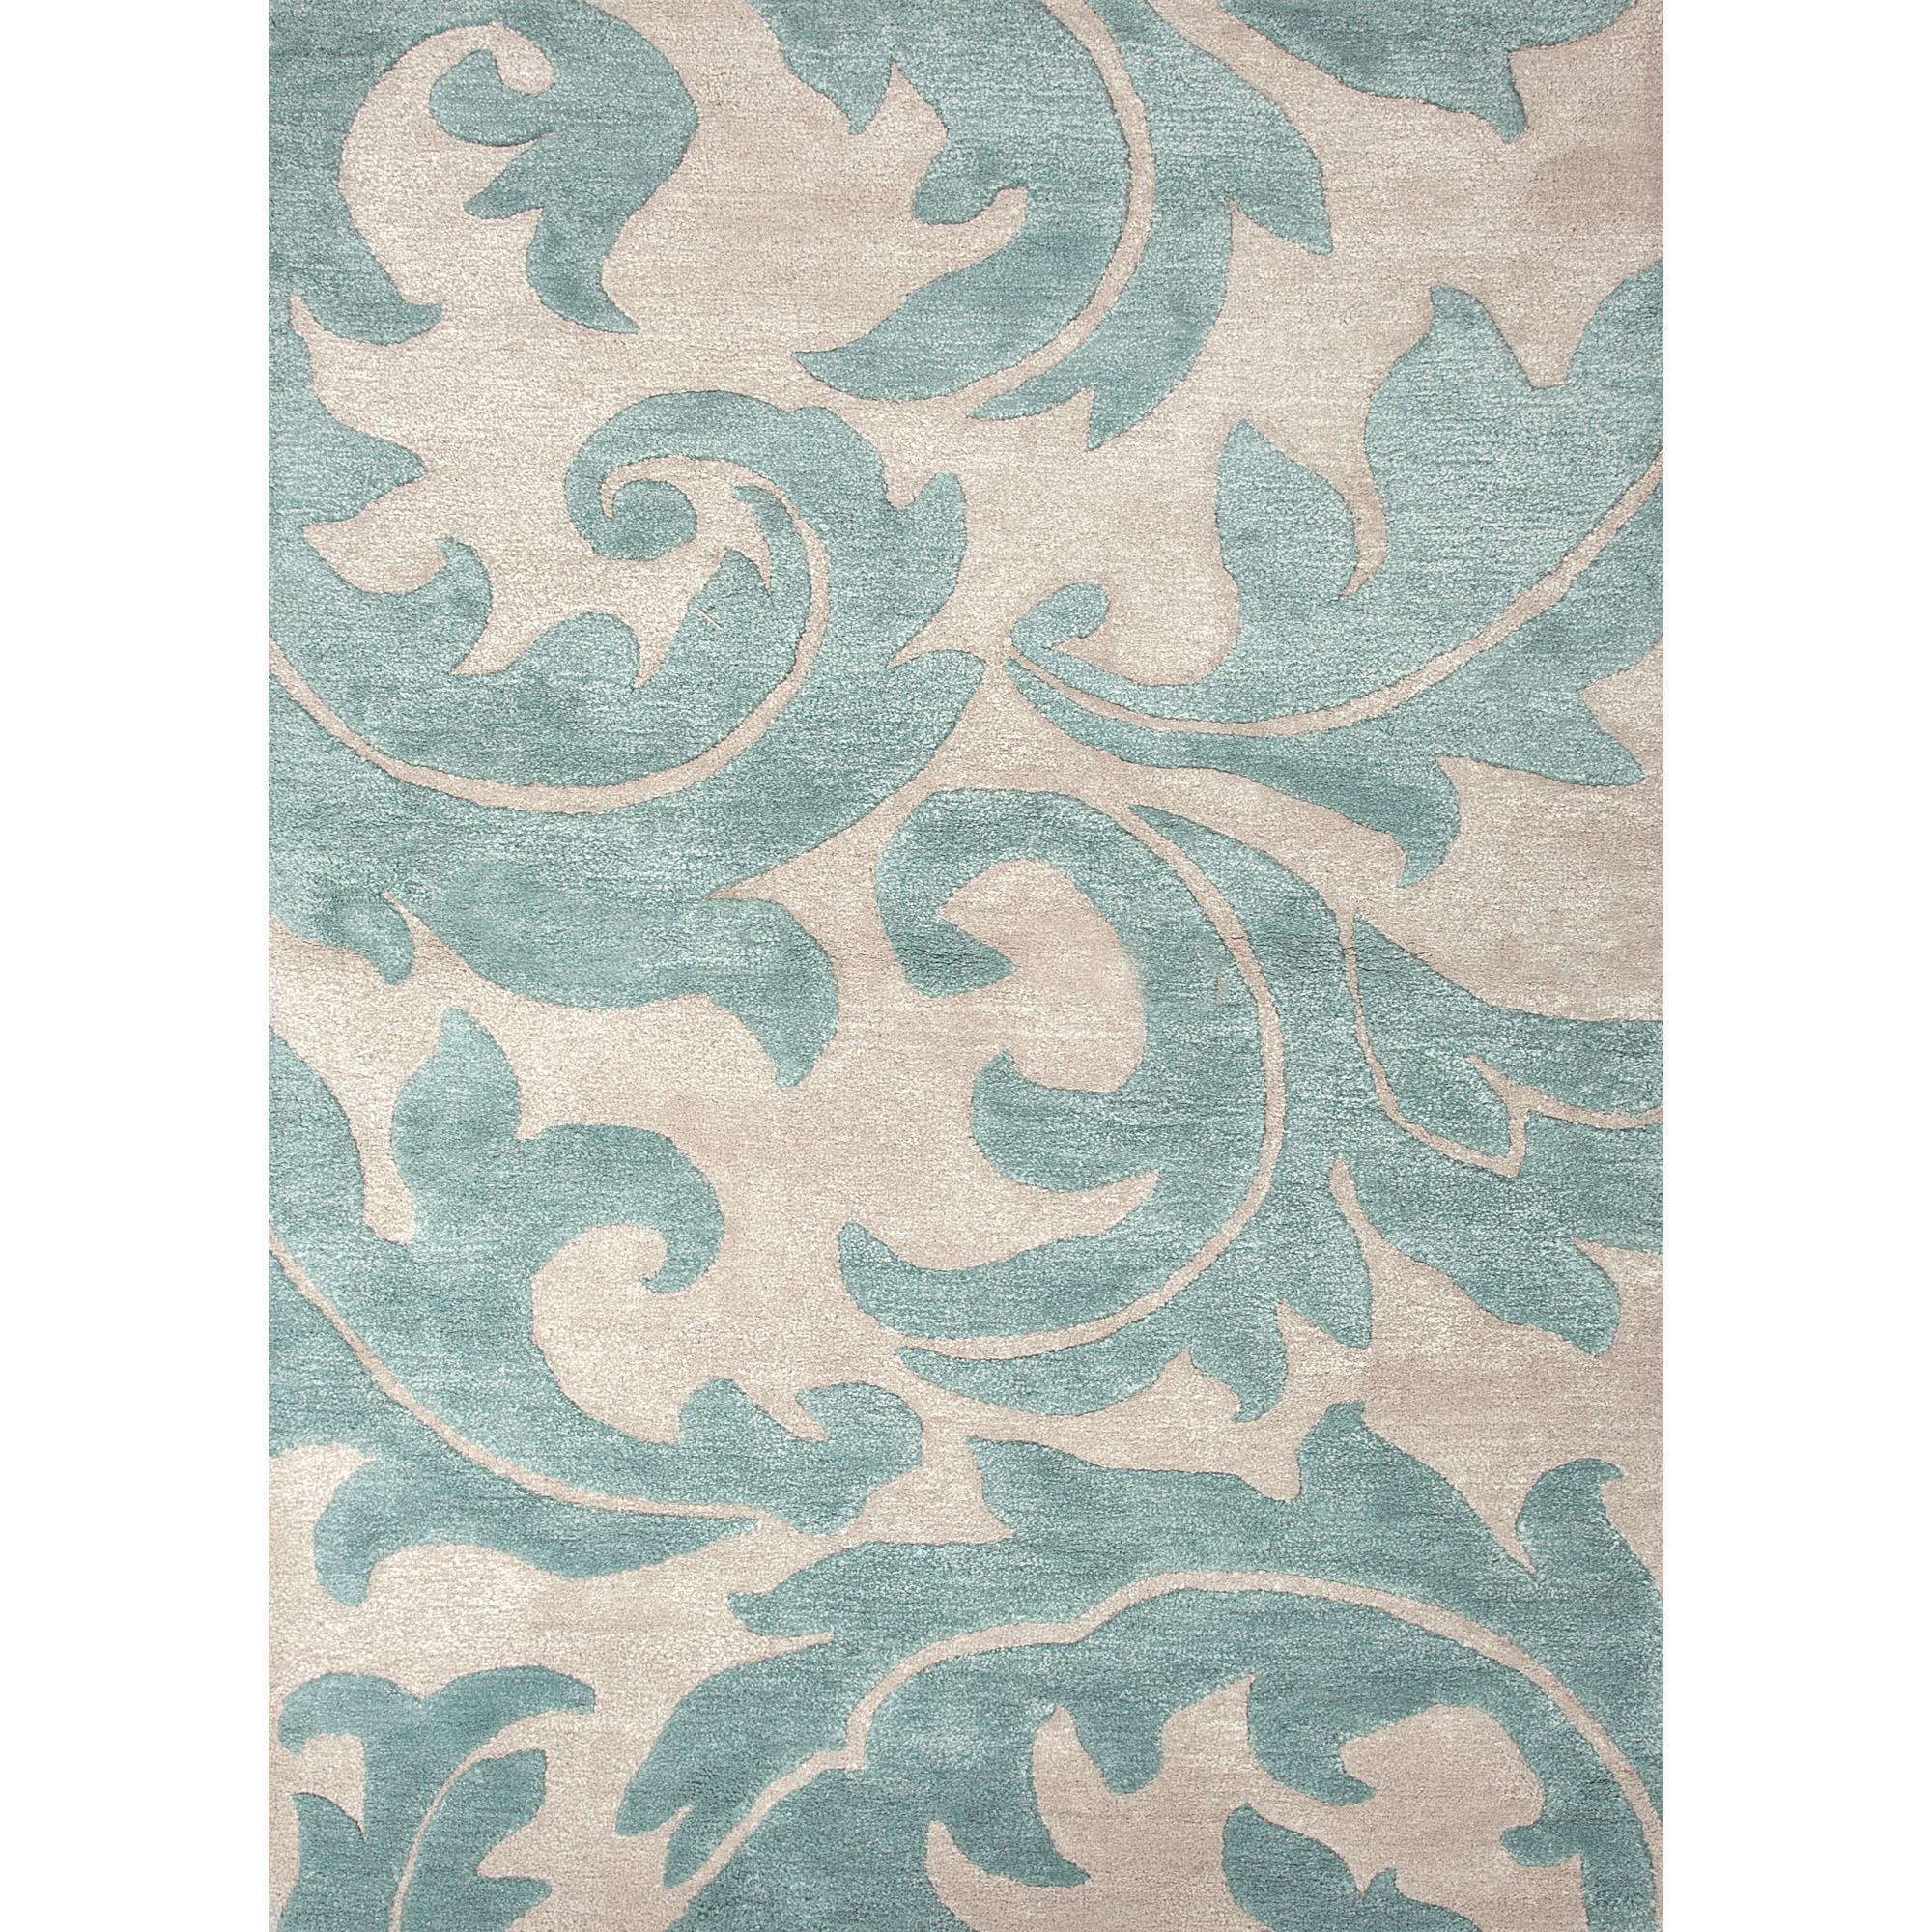 JAIPUR Rugs Blue 5 x 8 Rug - Item Number: RUG100622